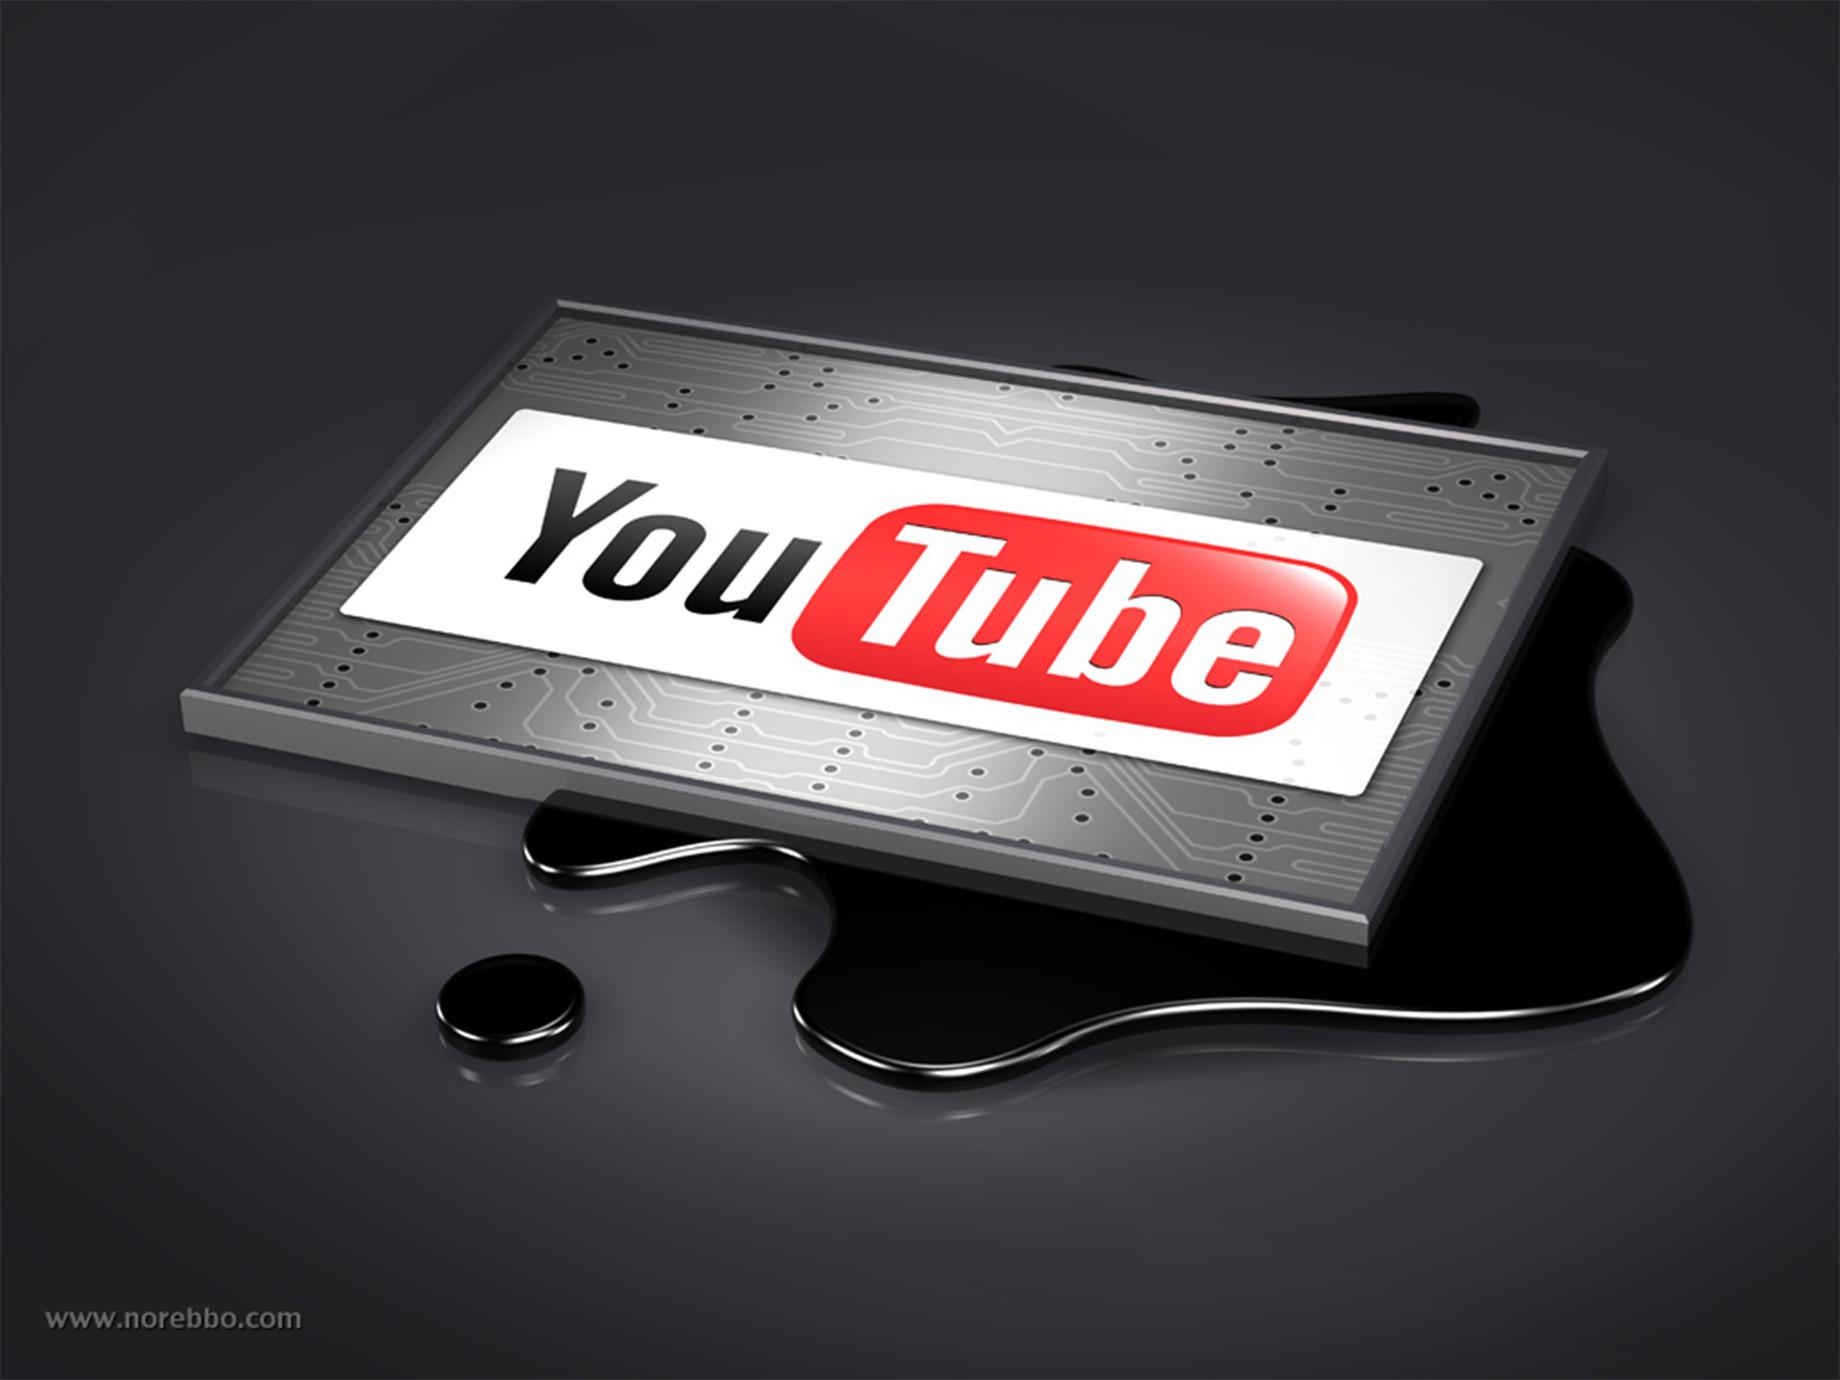 粉絲喜歡就打賞,YouTube行動直播推打賞功能